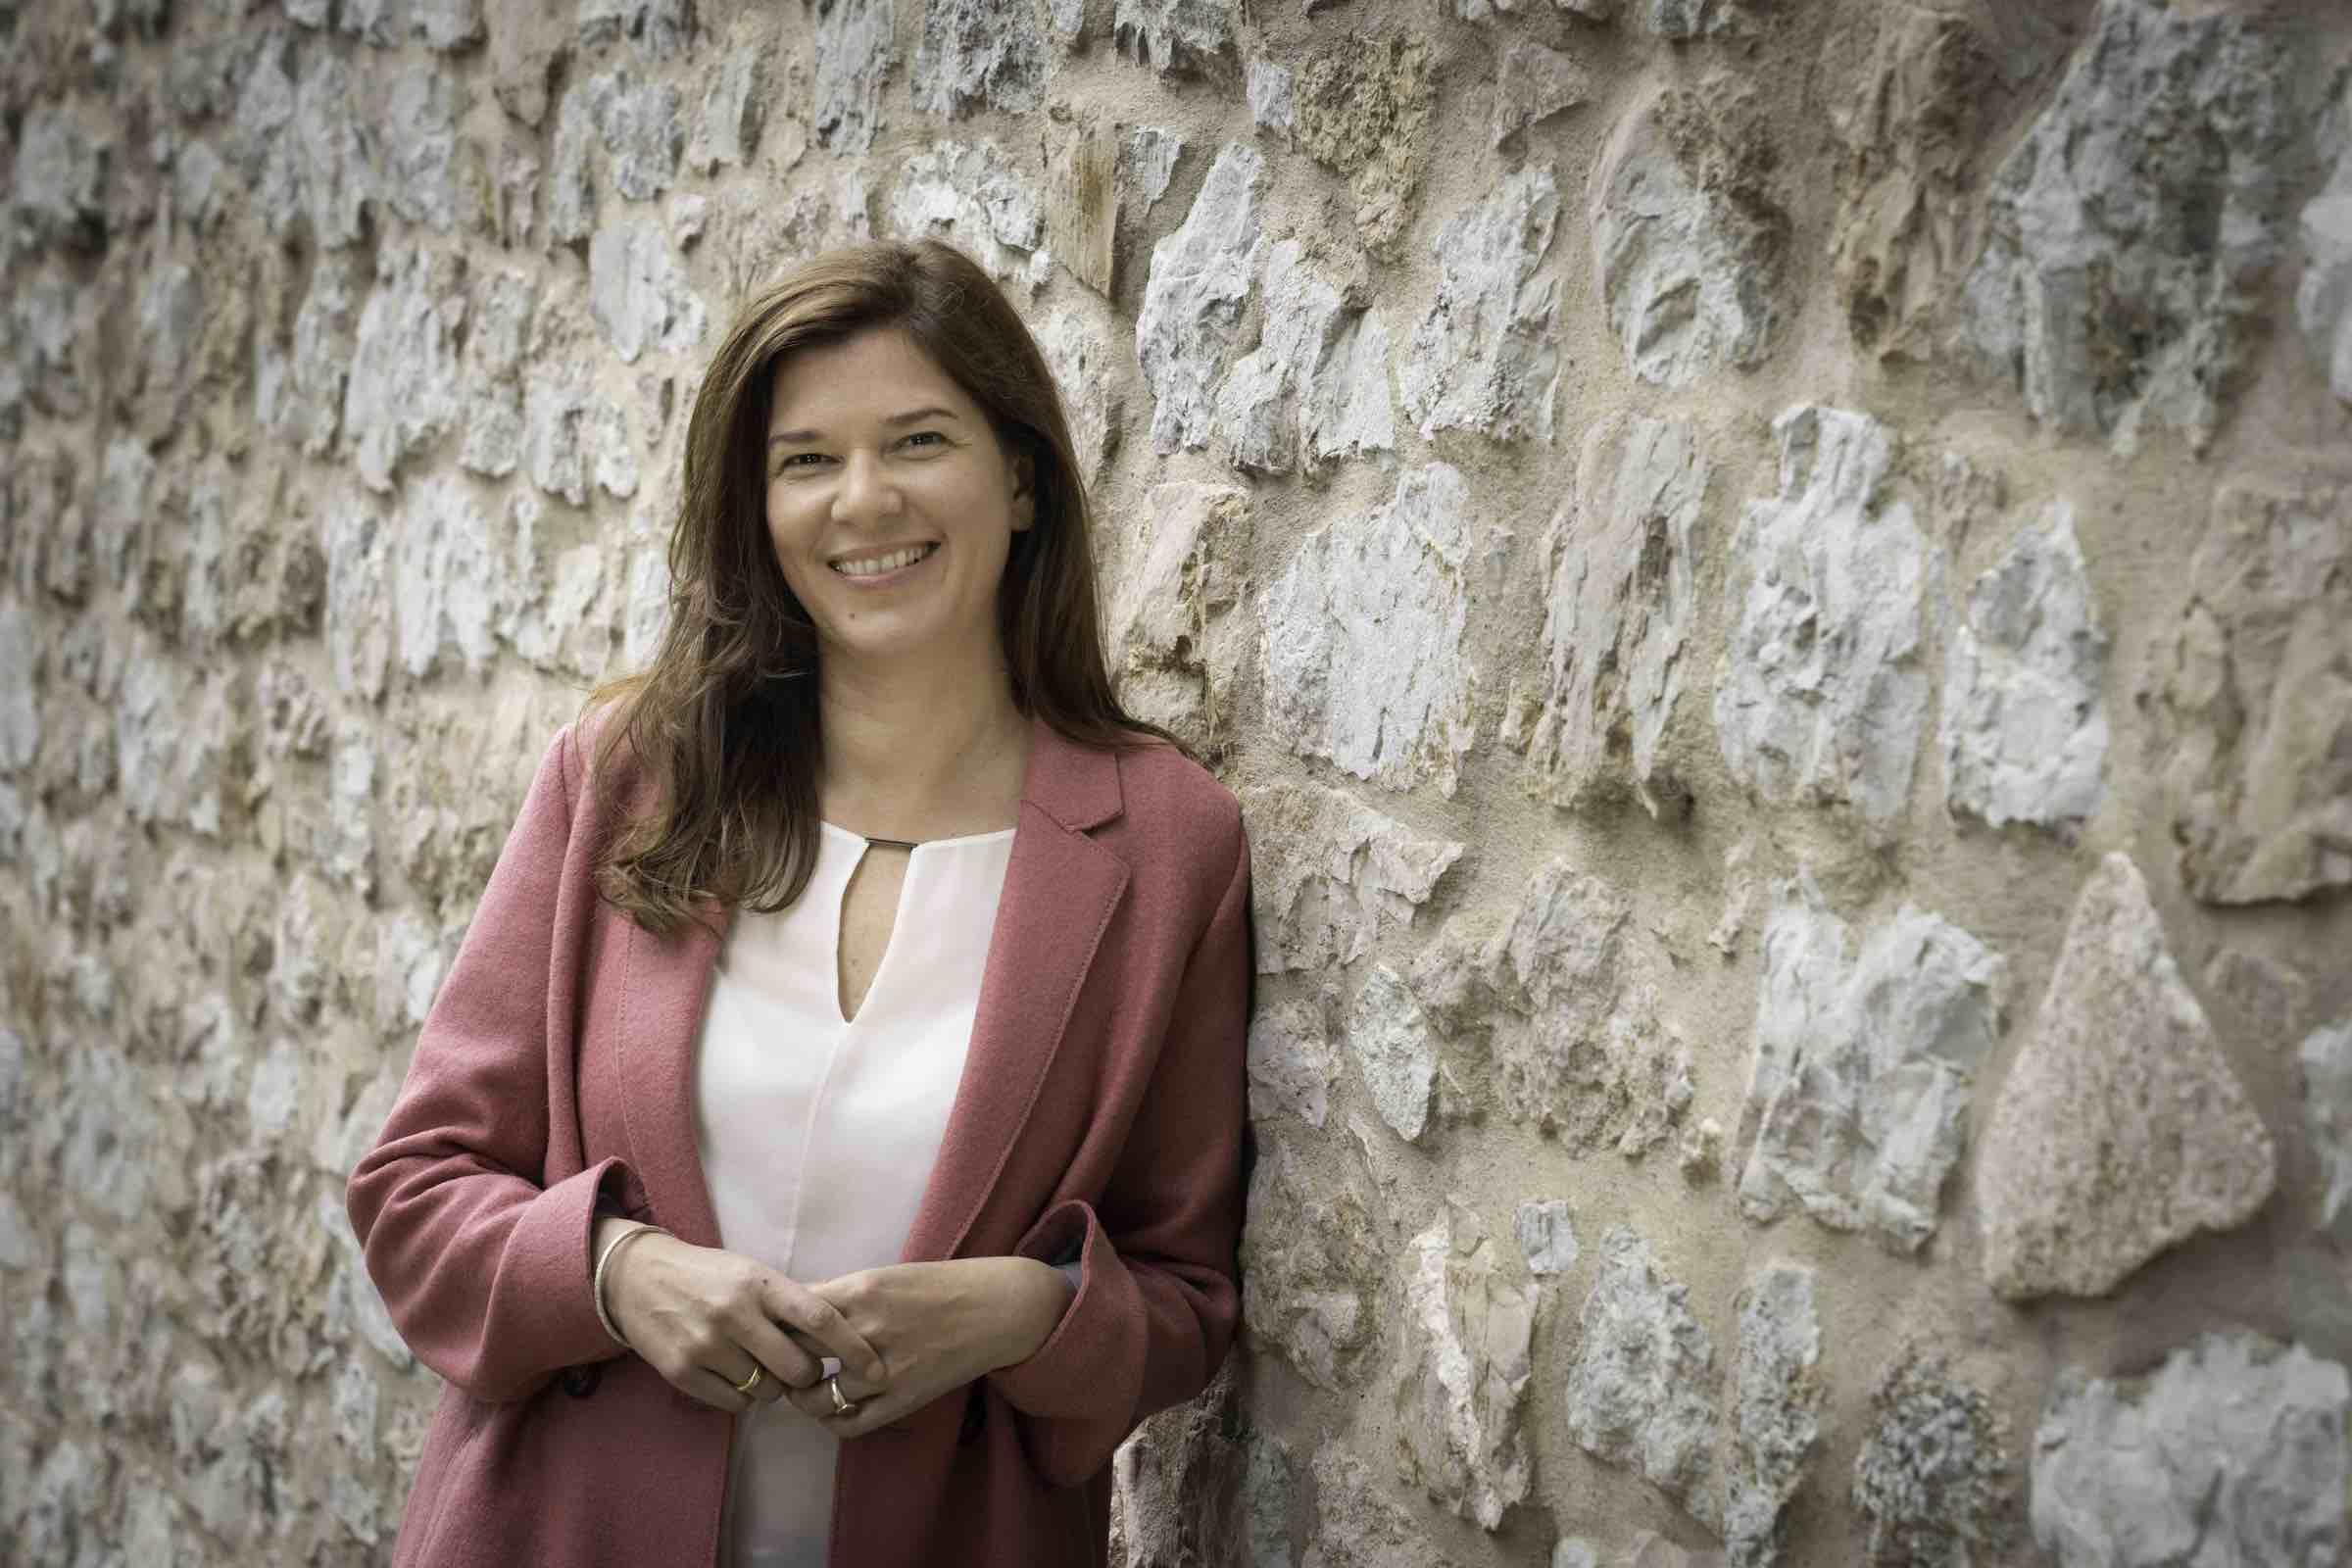 Ophelia Nick vertritt den Kreis Mettmann im neuen Bundestag